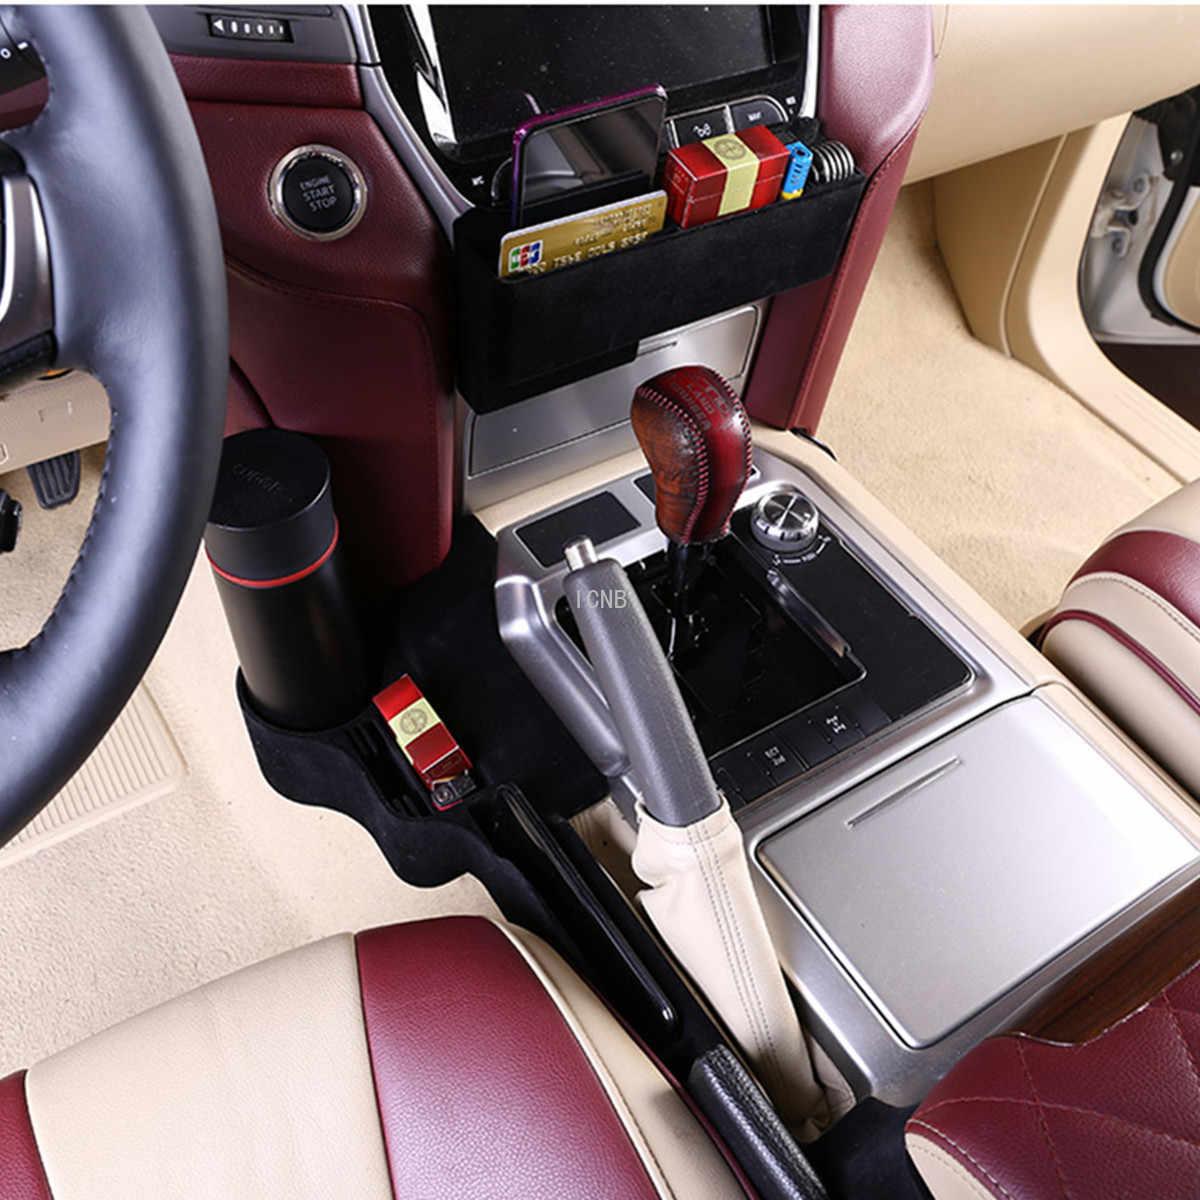 רכב מושב תיבת אחסון עבור טויוטה לנד קרוזר 200 LC200 FJ200 2016 2017 2018 2019 מחזיק כוס אביזרי